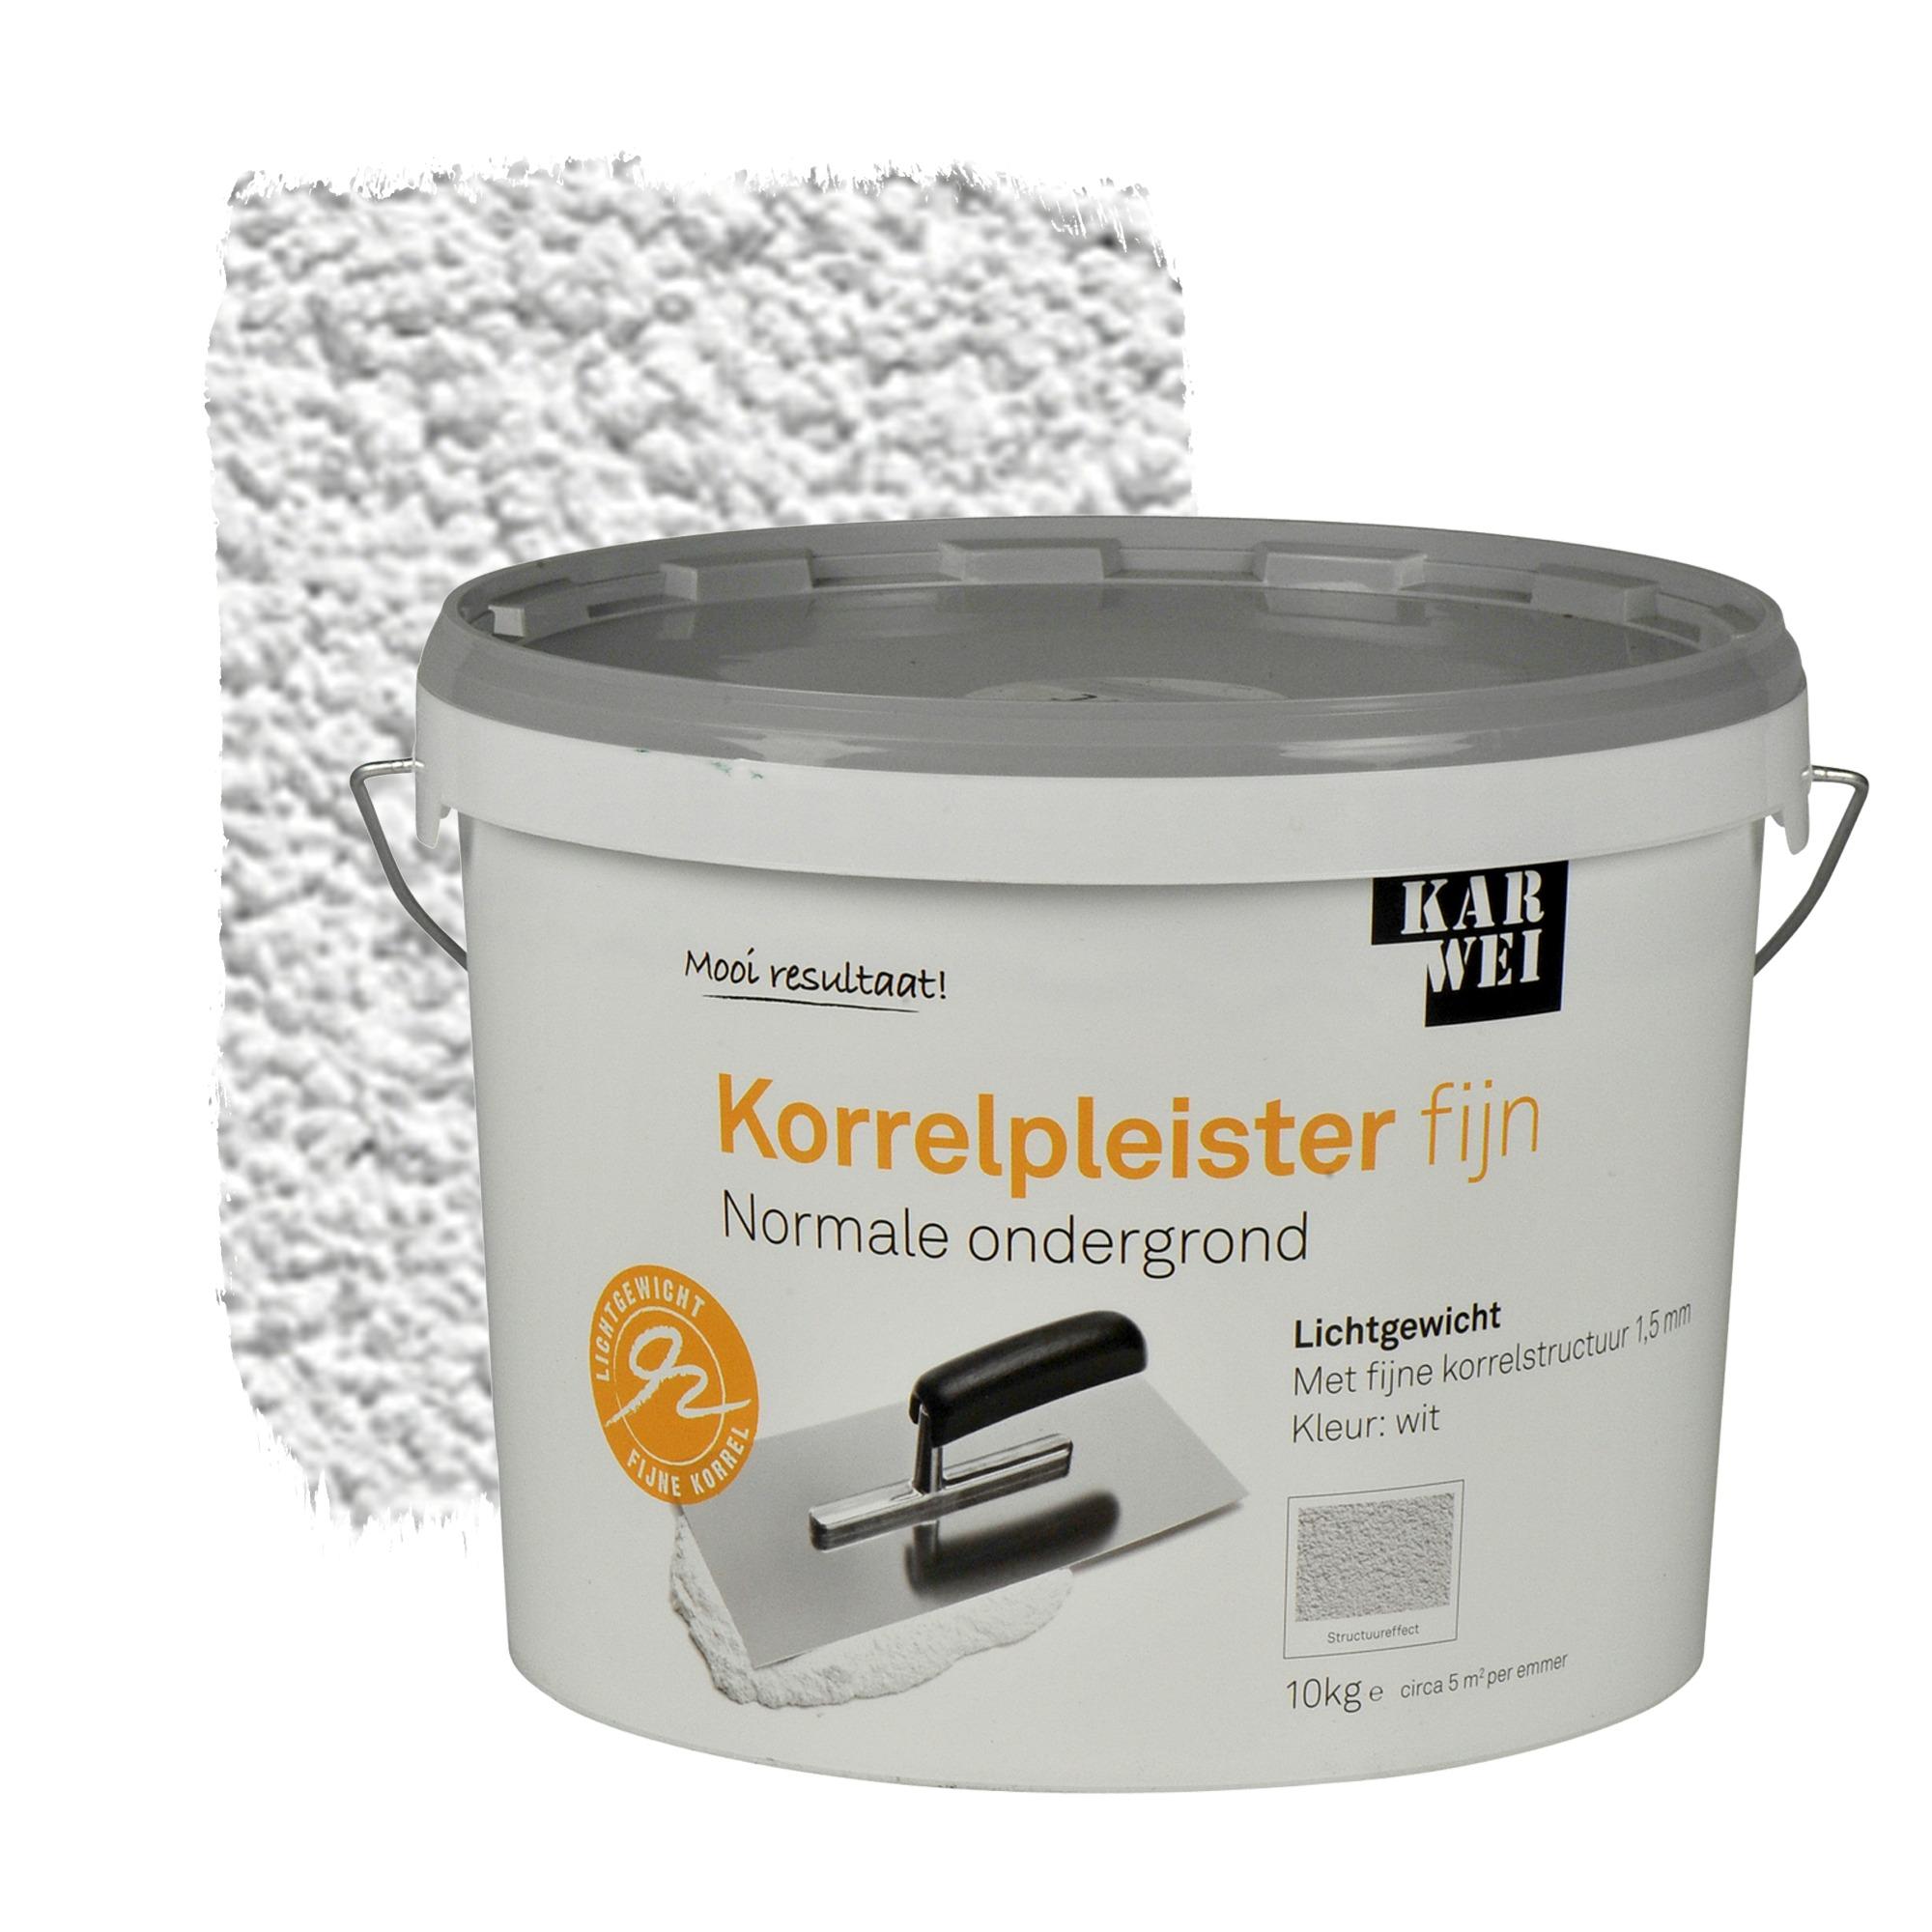 KARWEI korrelpleister fijn wit 10 kg